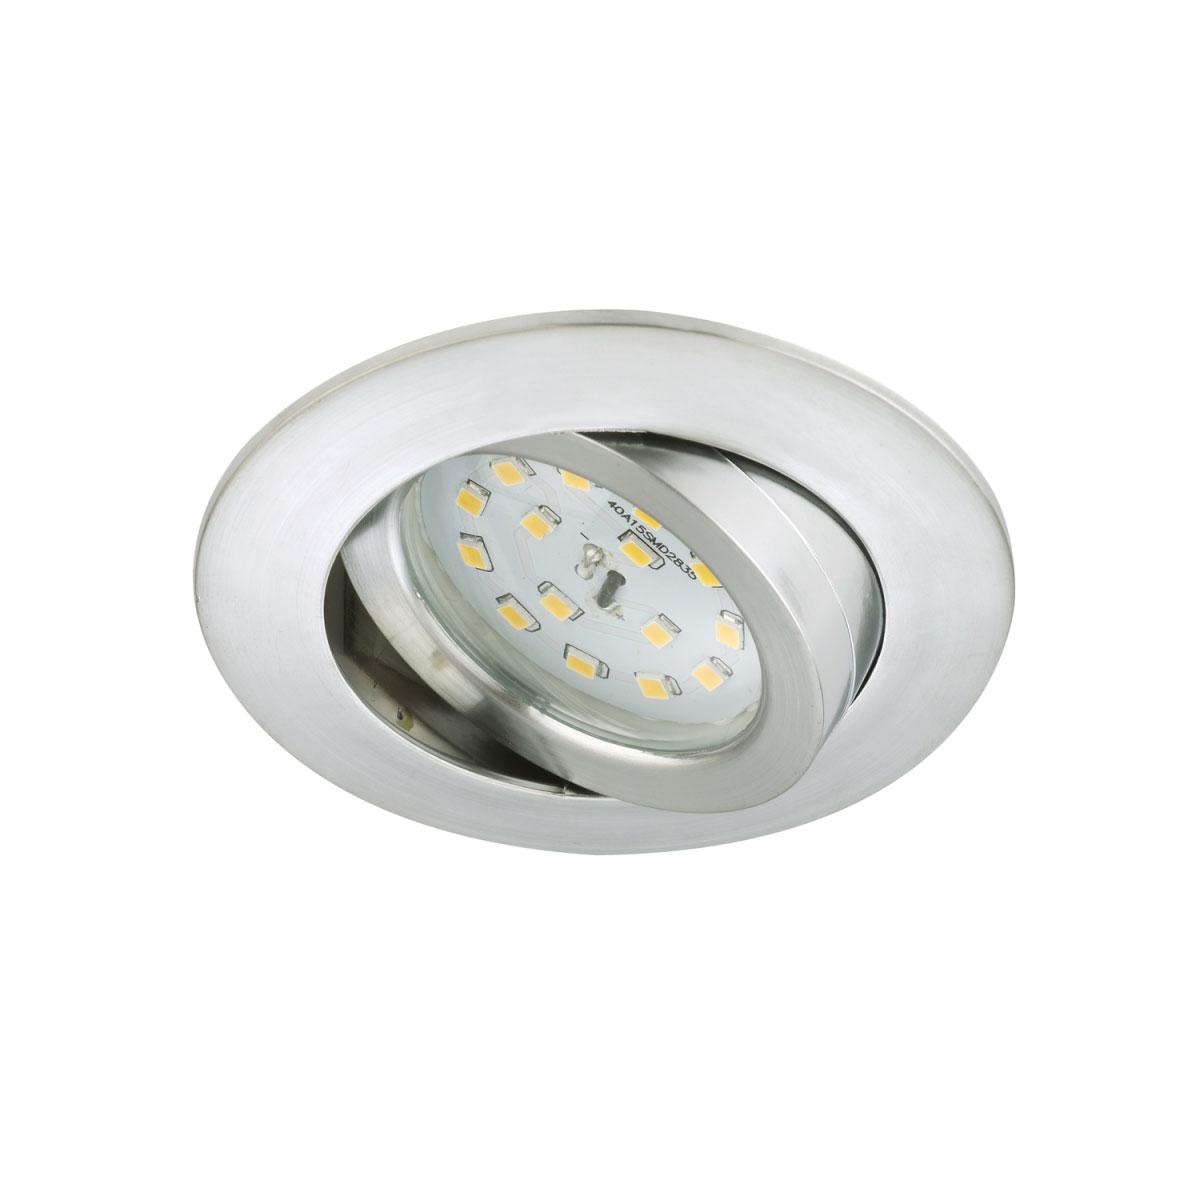 Deckenleuchten - LED Einbauleuchte, Aluminium, Modul, rund, inkl. Gelenk  - Onlineshop Hellweg